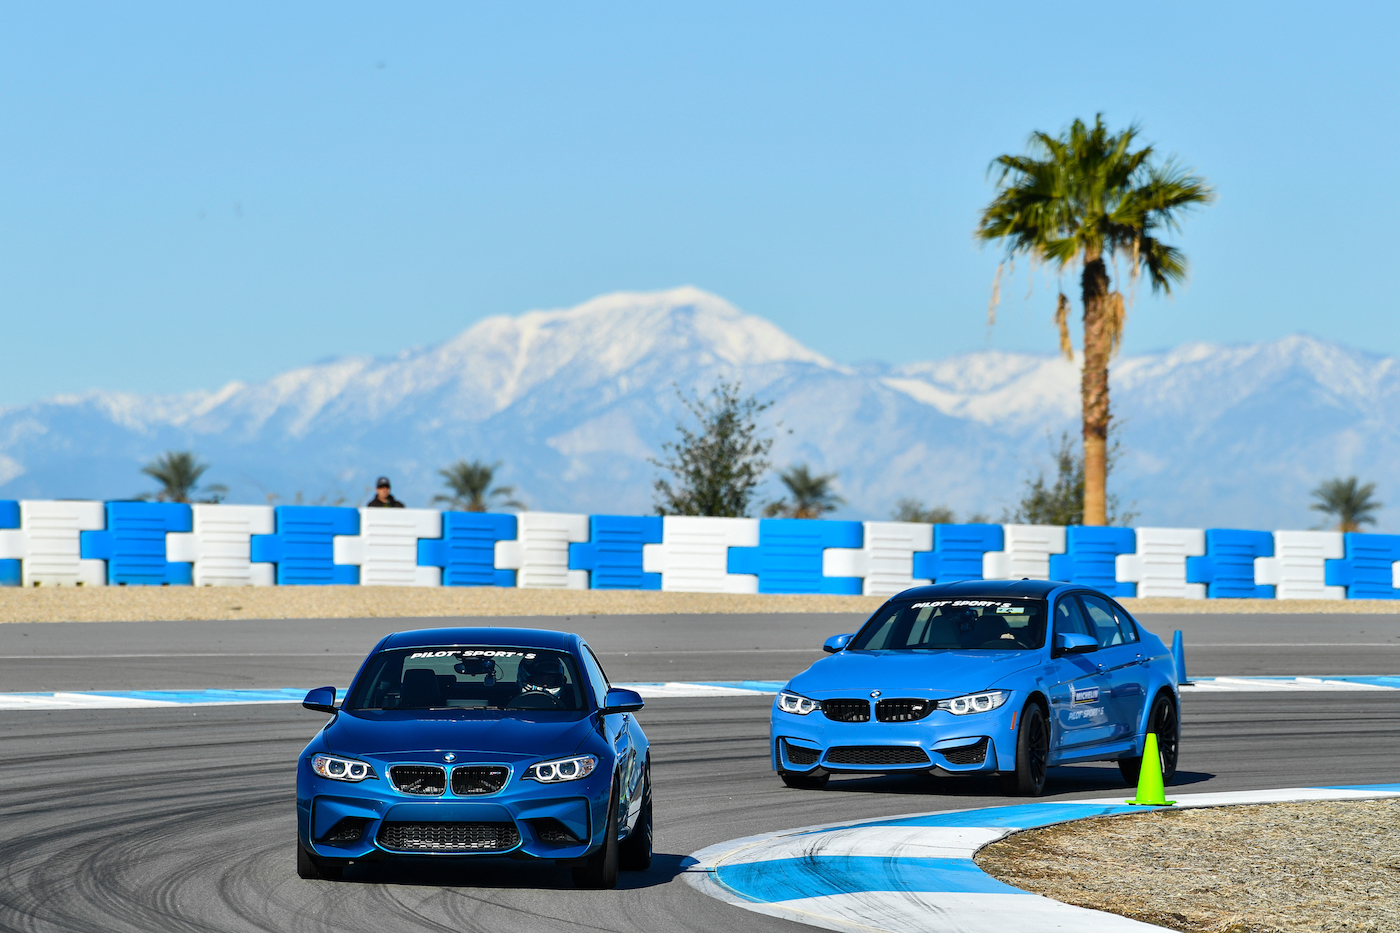 Qualmende Reifen in der kalifornischen Wüste: <br>Der Michelin Pilot Sport 4 S 7